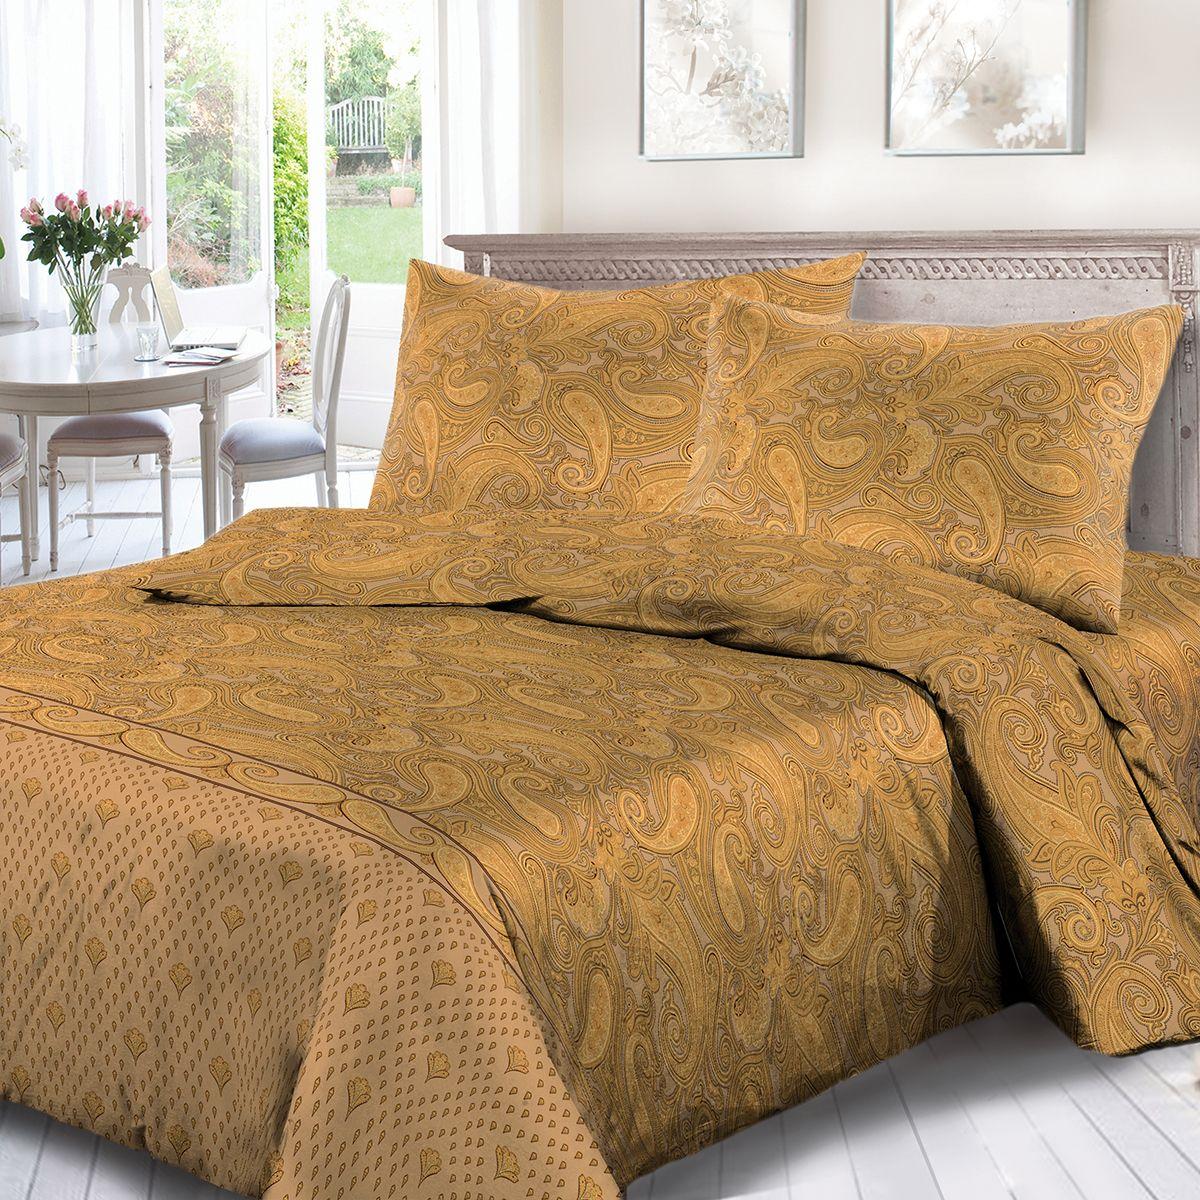 Комплект белья Сорренто Тадж Махал, евро, наволочки 70x70, цвет: коричневый. 1753-189096